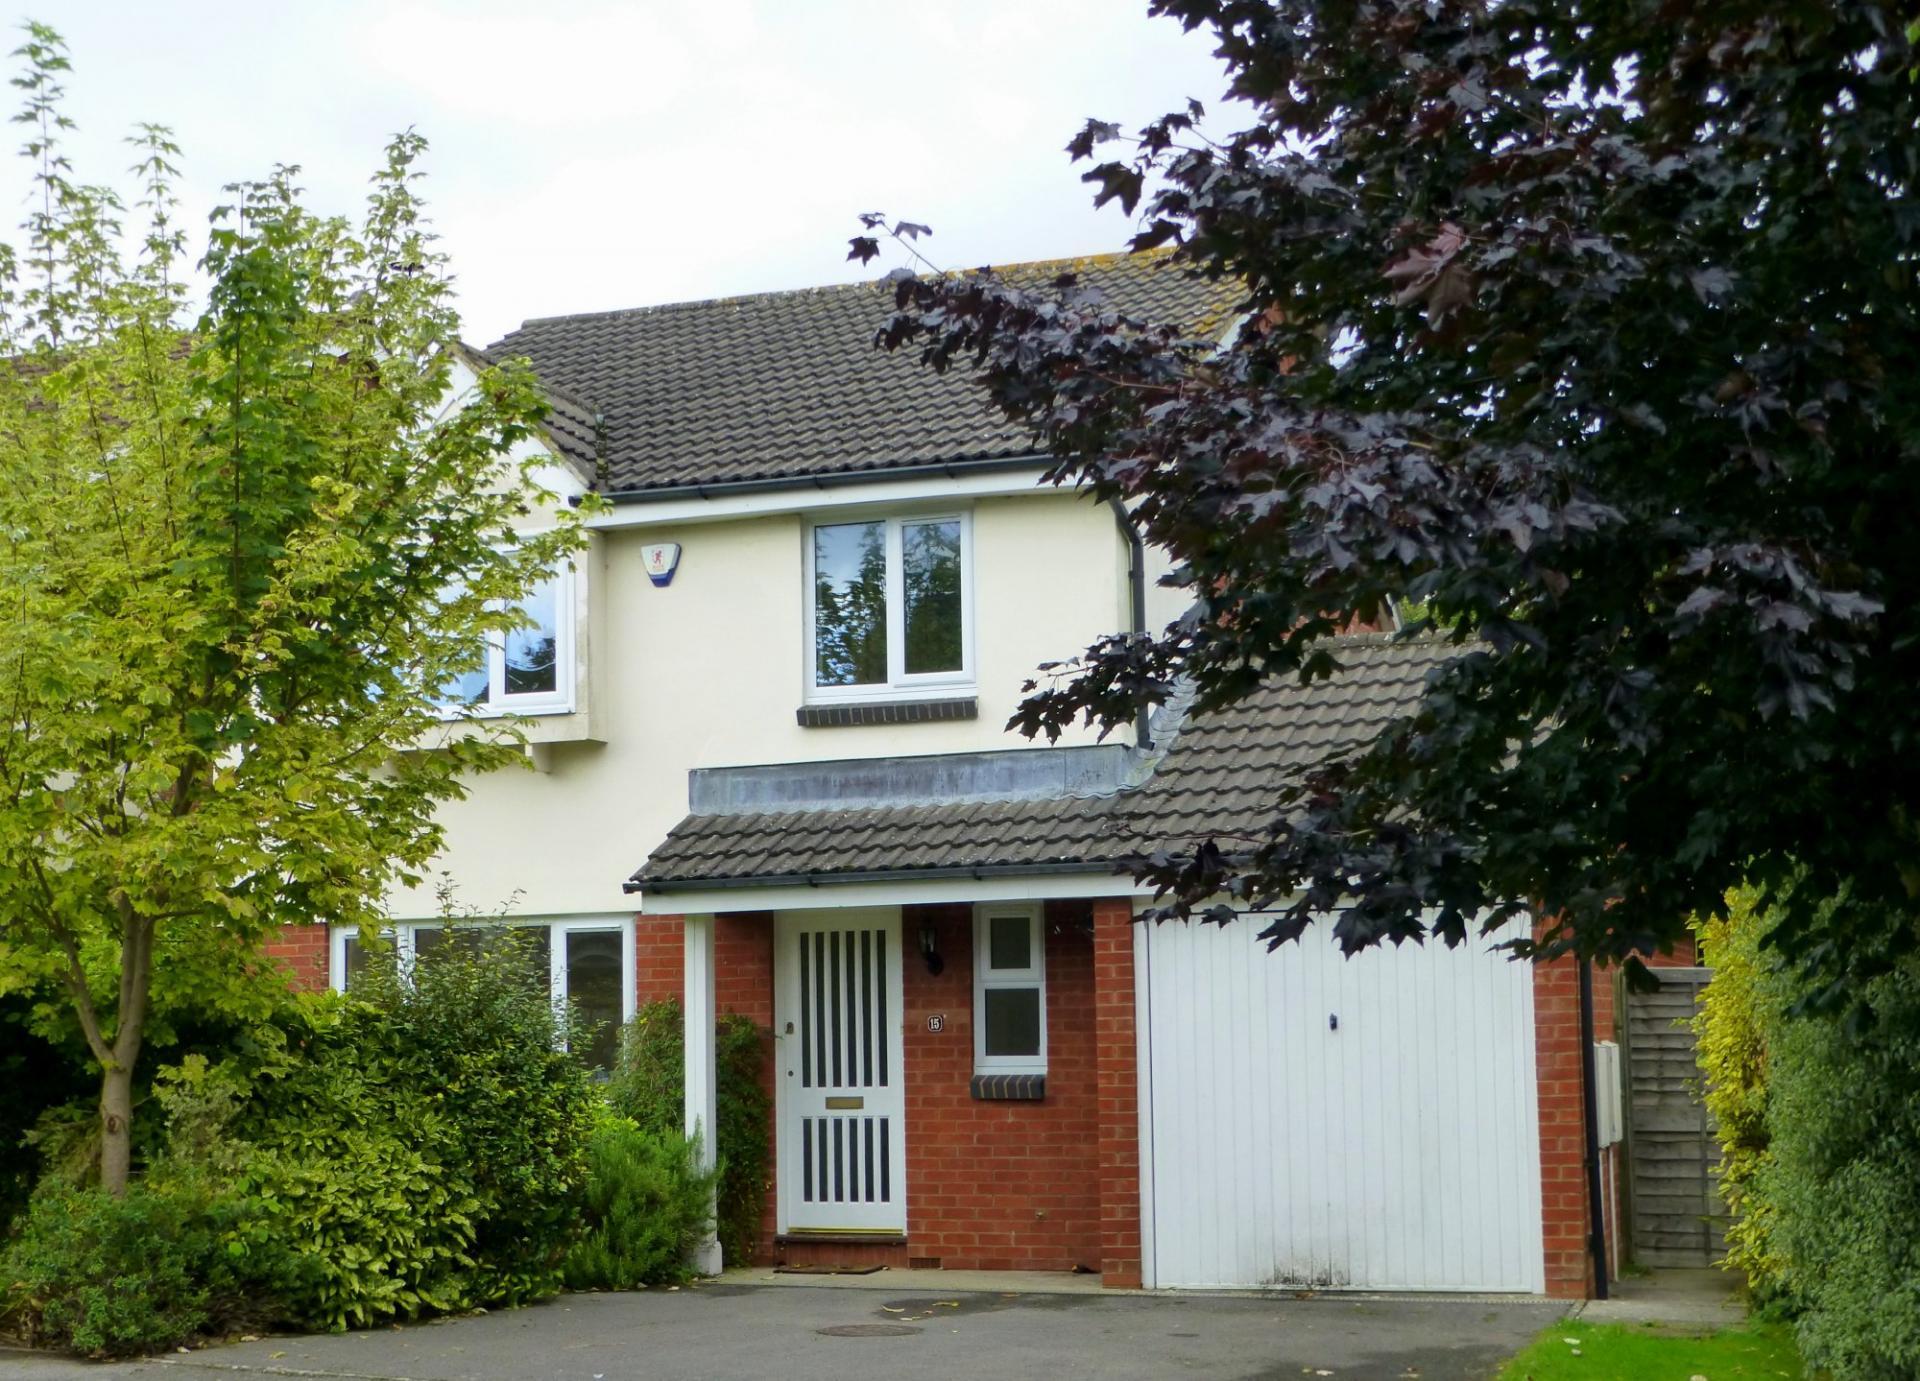 4 Bedroom Detached House For Sale In Holt